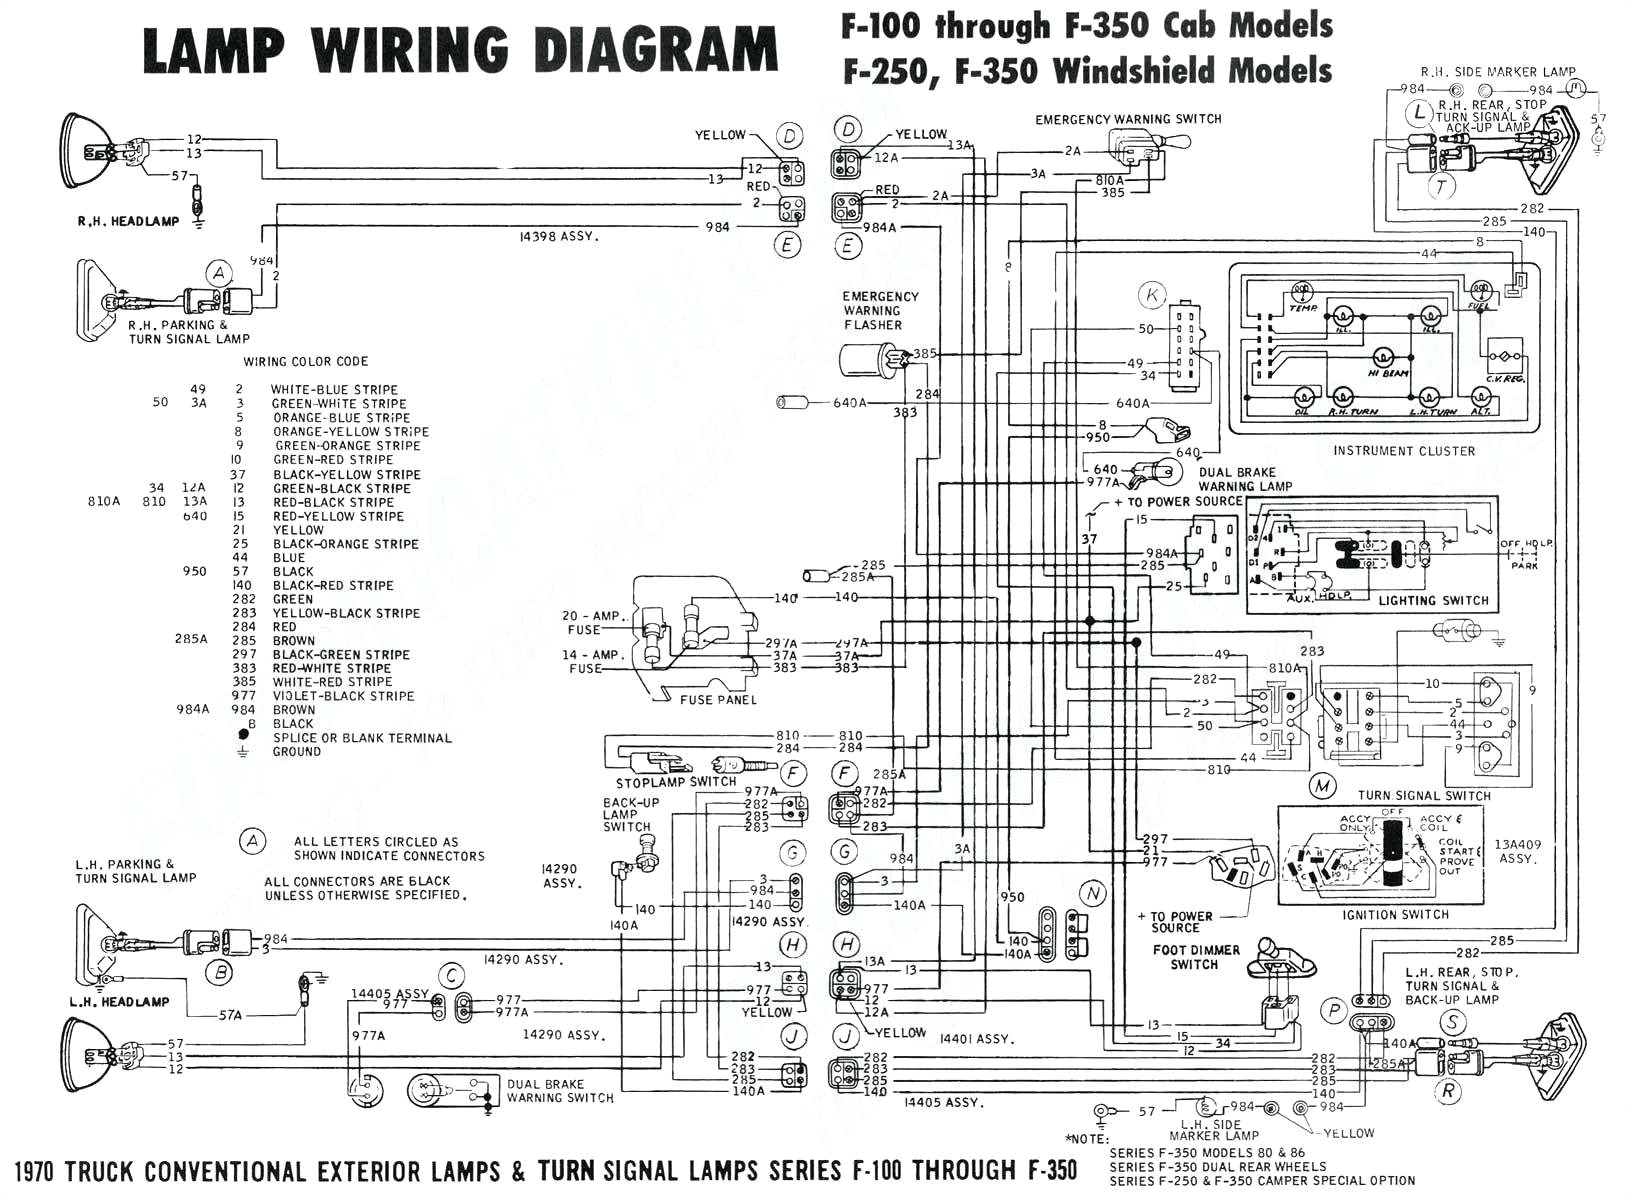 F250 Wiring Diagram 1992 ford F 150 Wiring Diagram Wiring Diagram Database